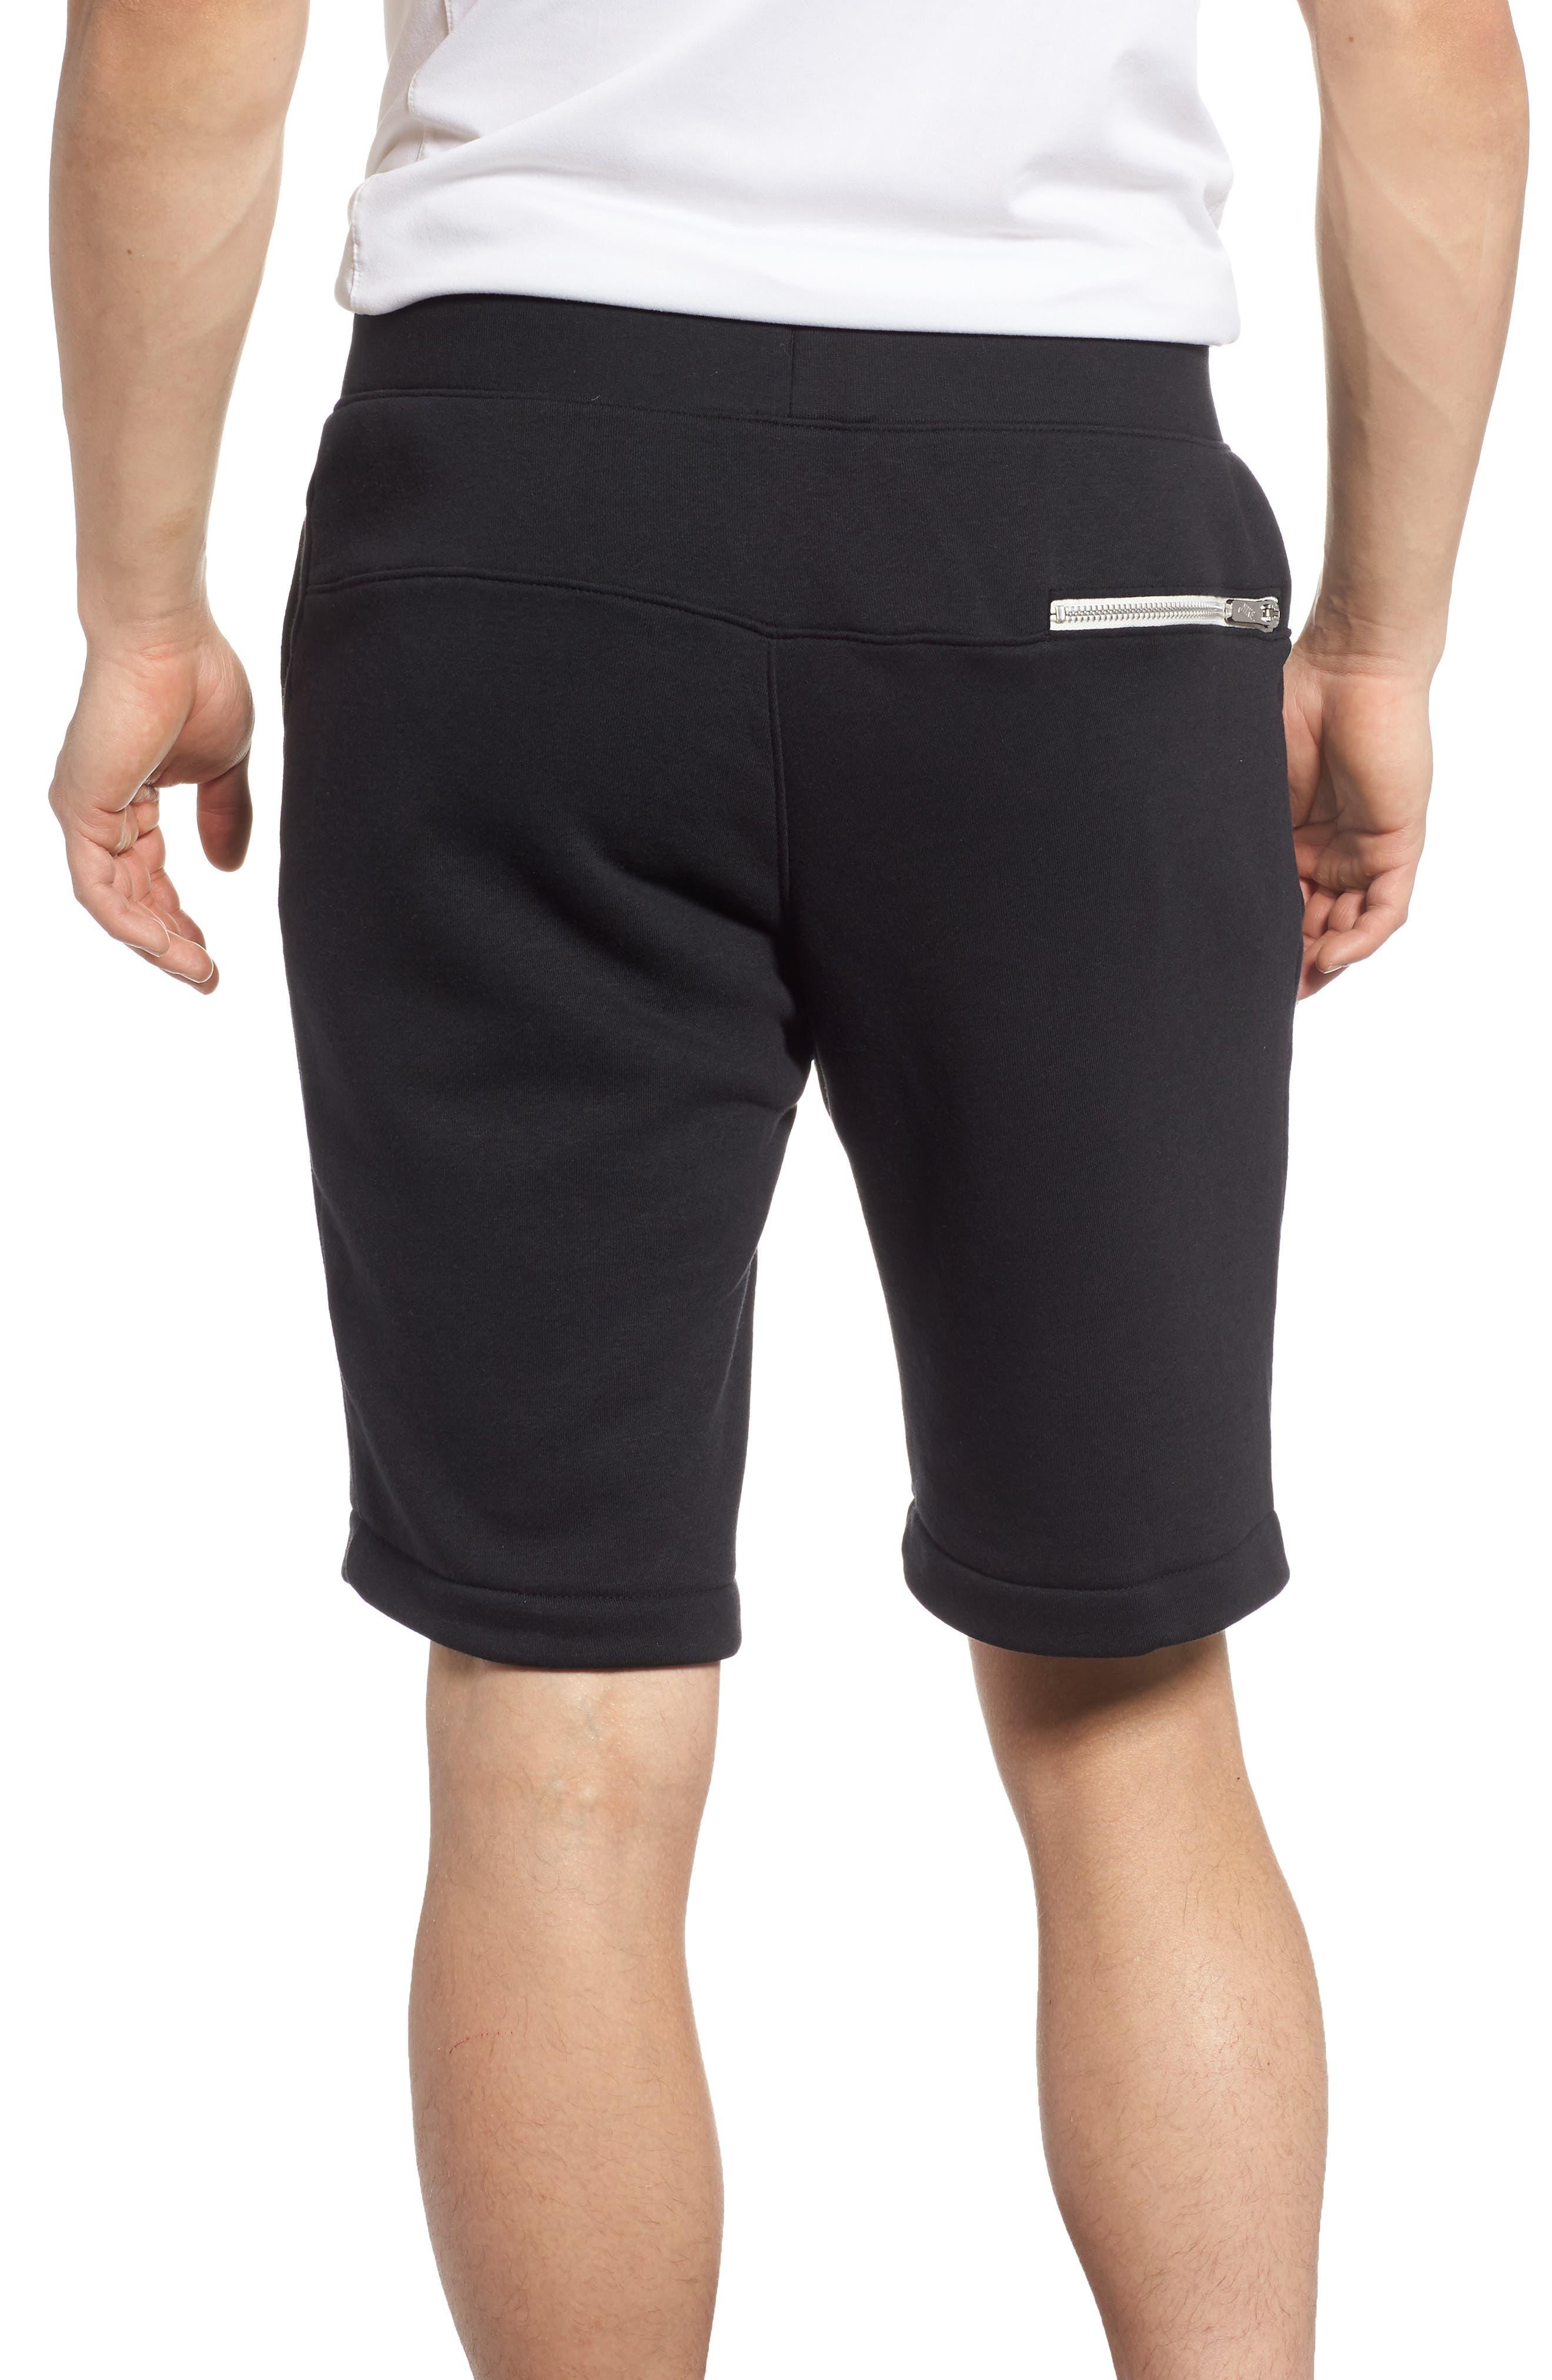 Heritage Knit Shorts,                             Alternate thumbnail 2, color,                             BLACK/ SAIL